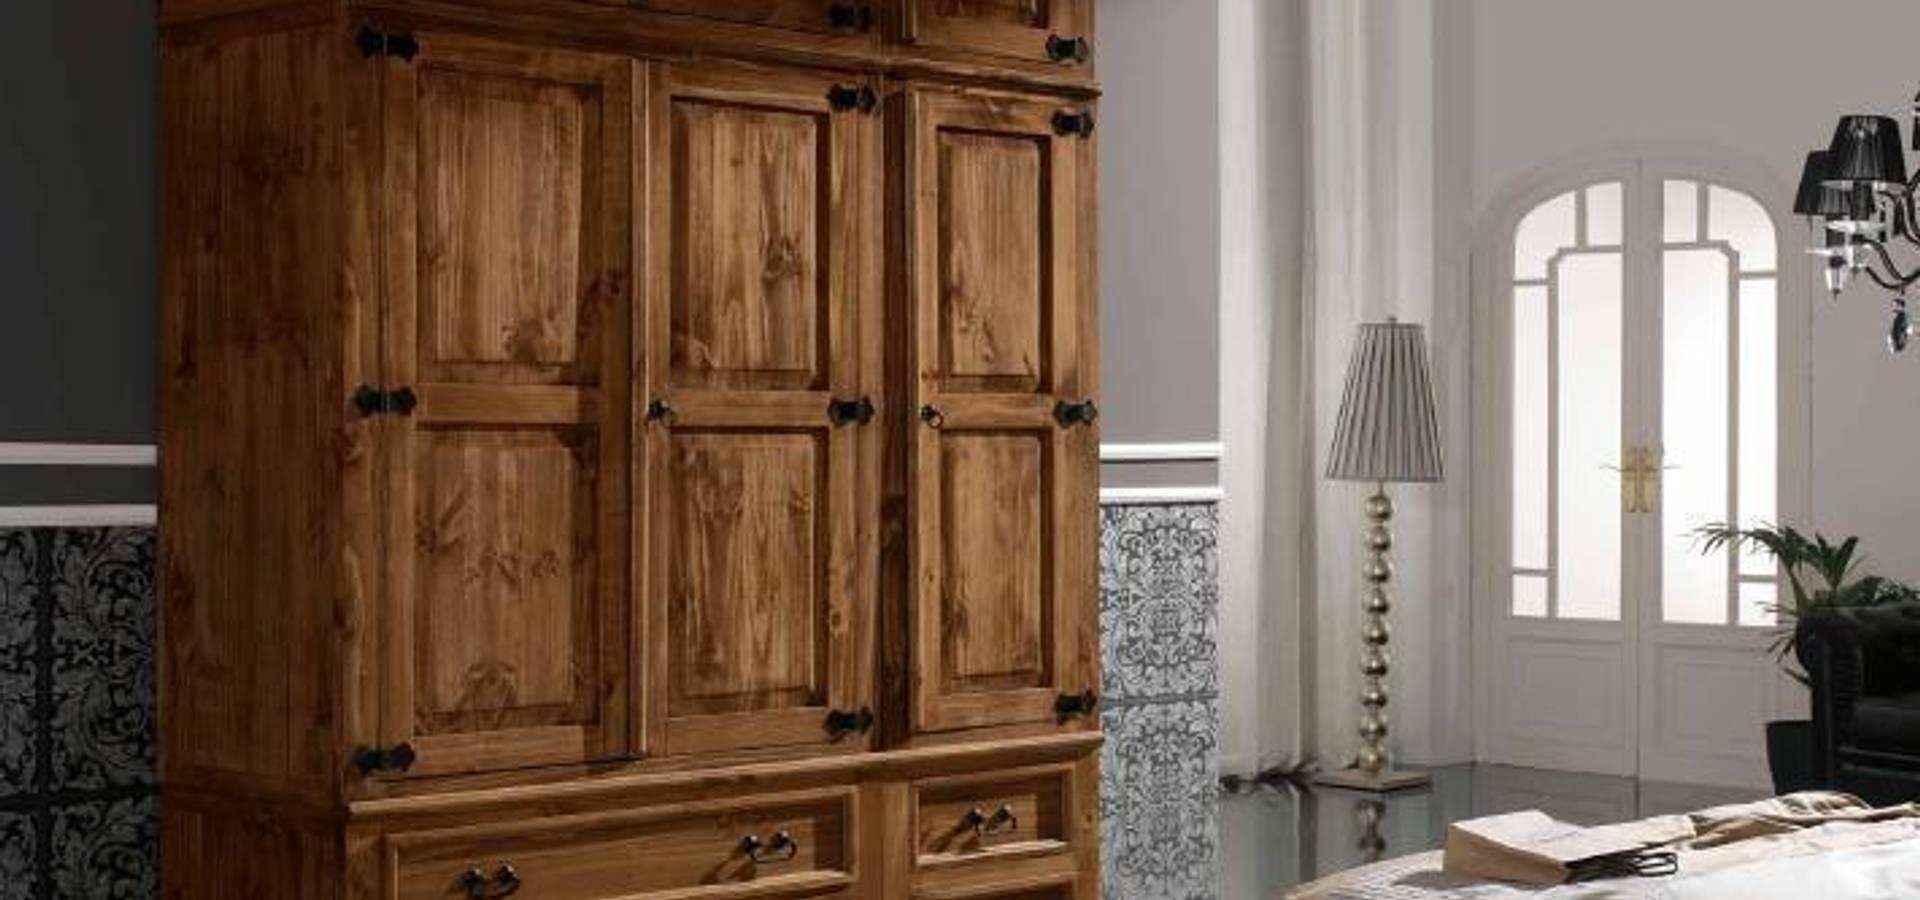 Armario r stico en madera maciza de silarte muebles for Muebles vanitorios rusticos